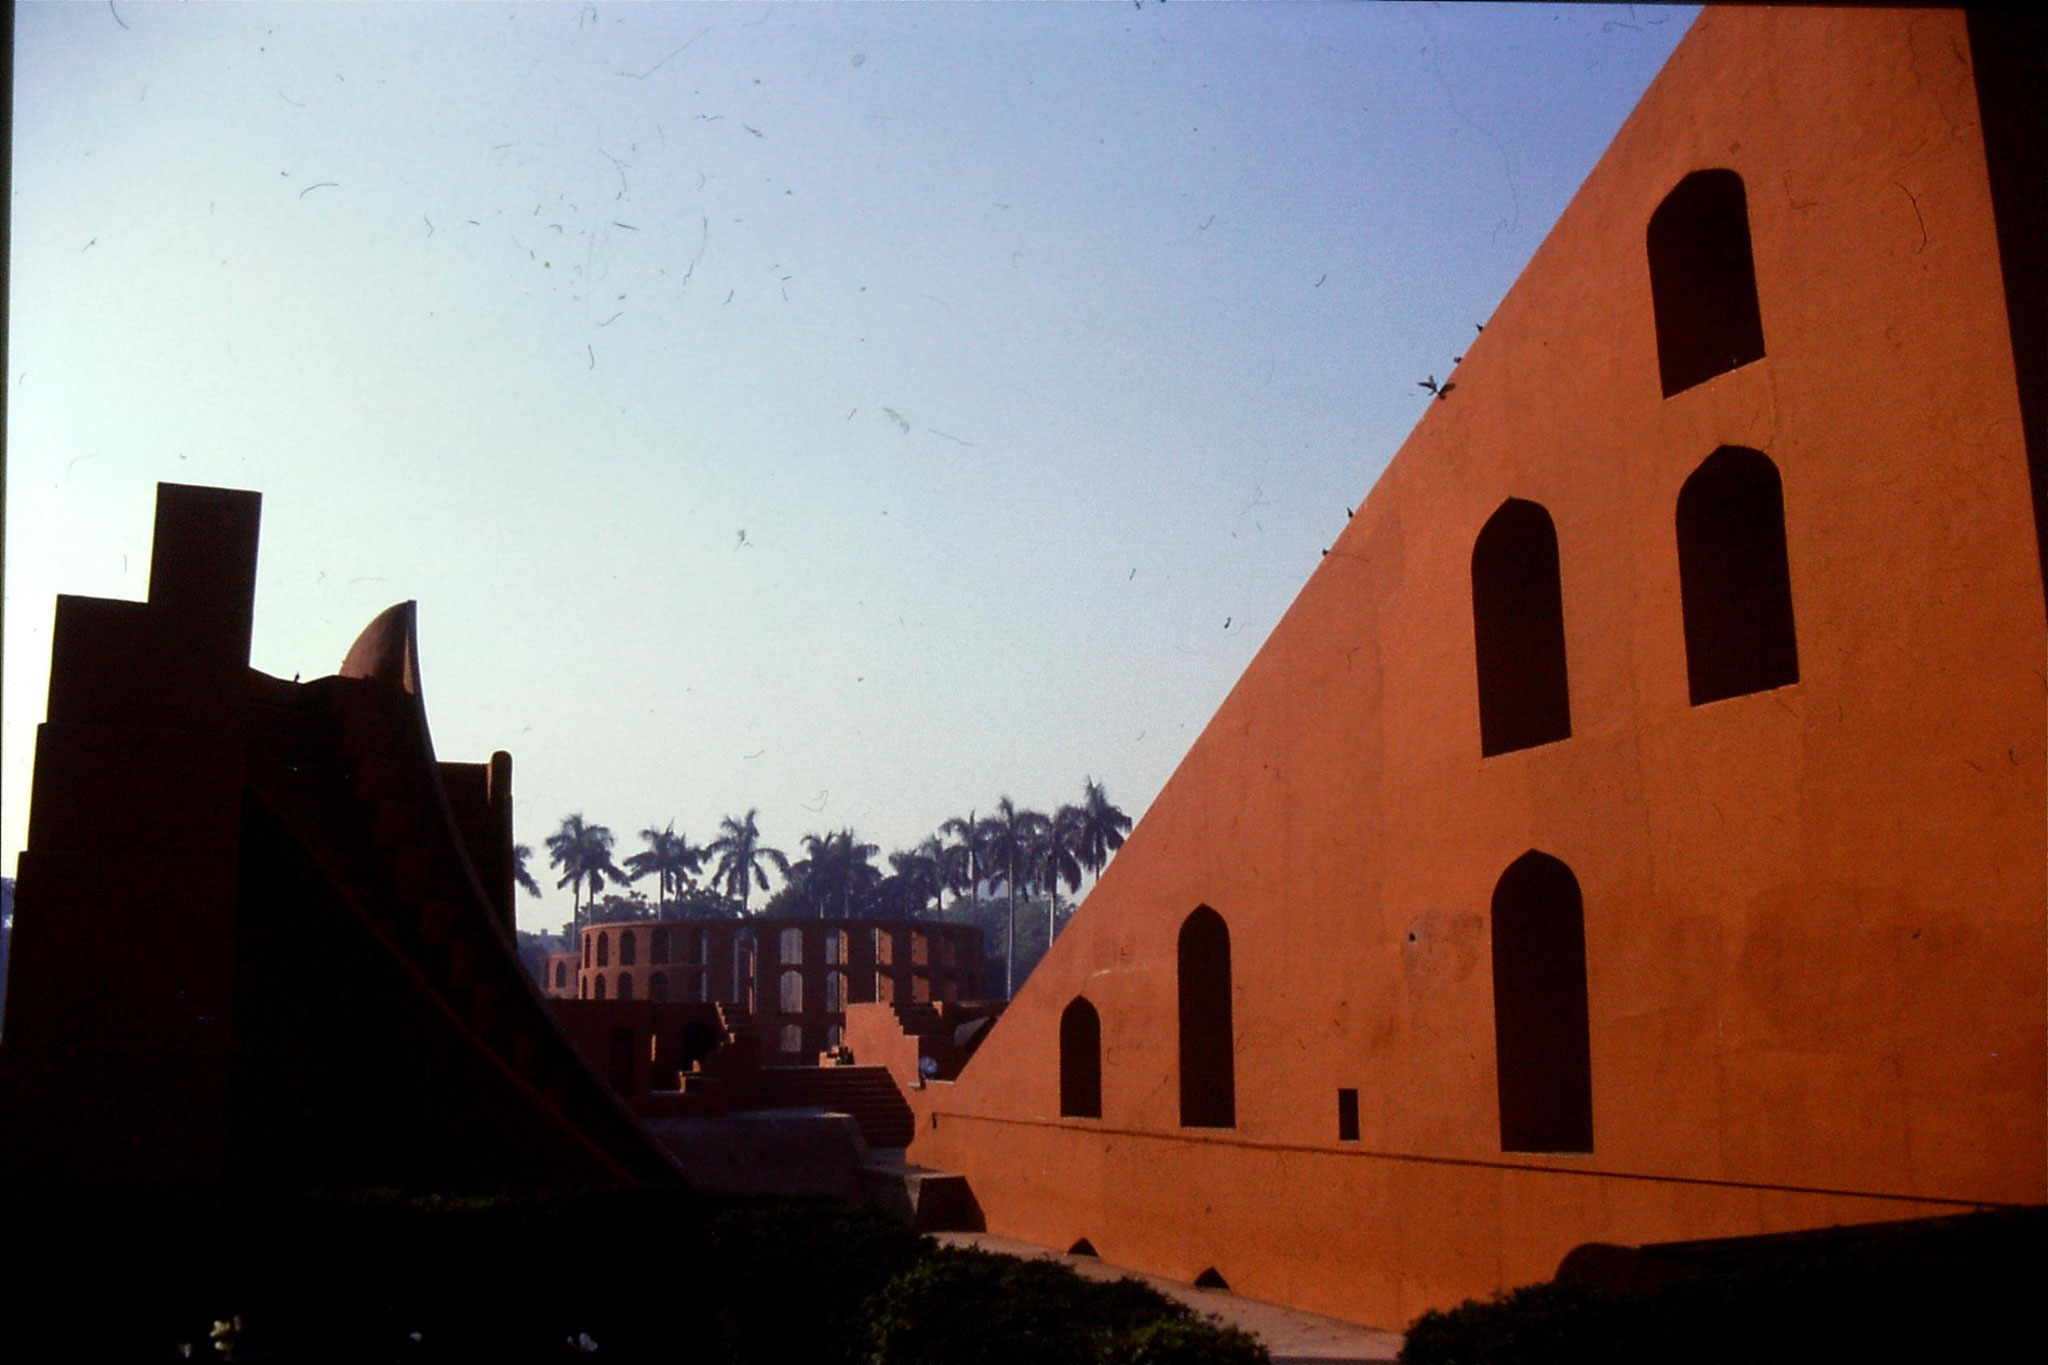 21/11/1989: 18: Delhi Jantar Mantar observatory